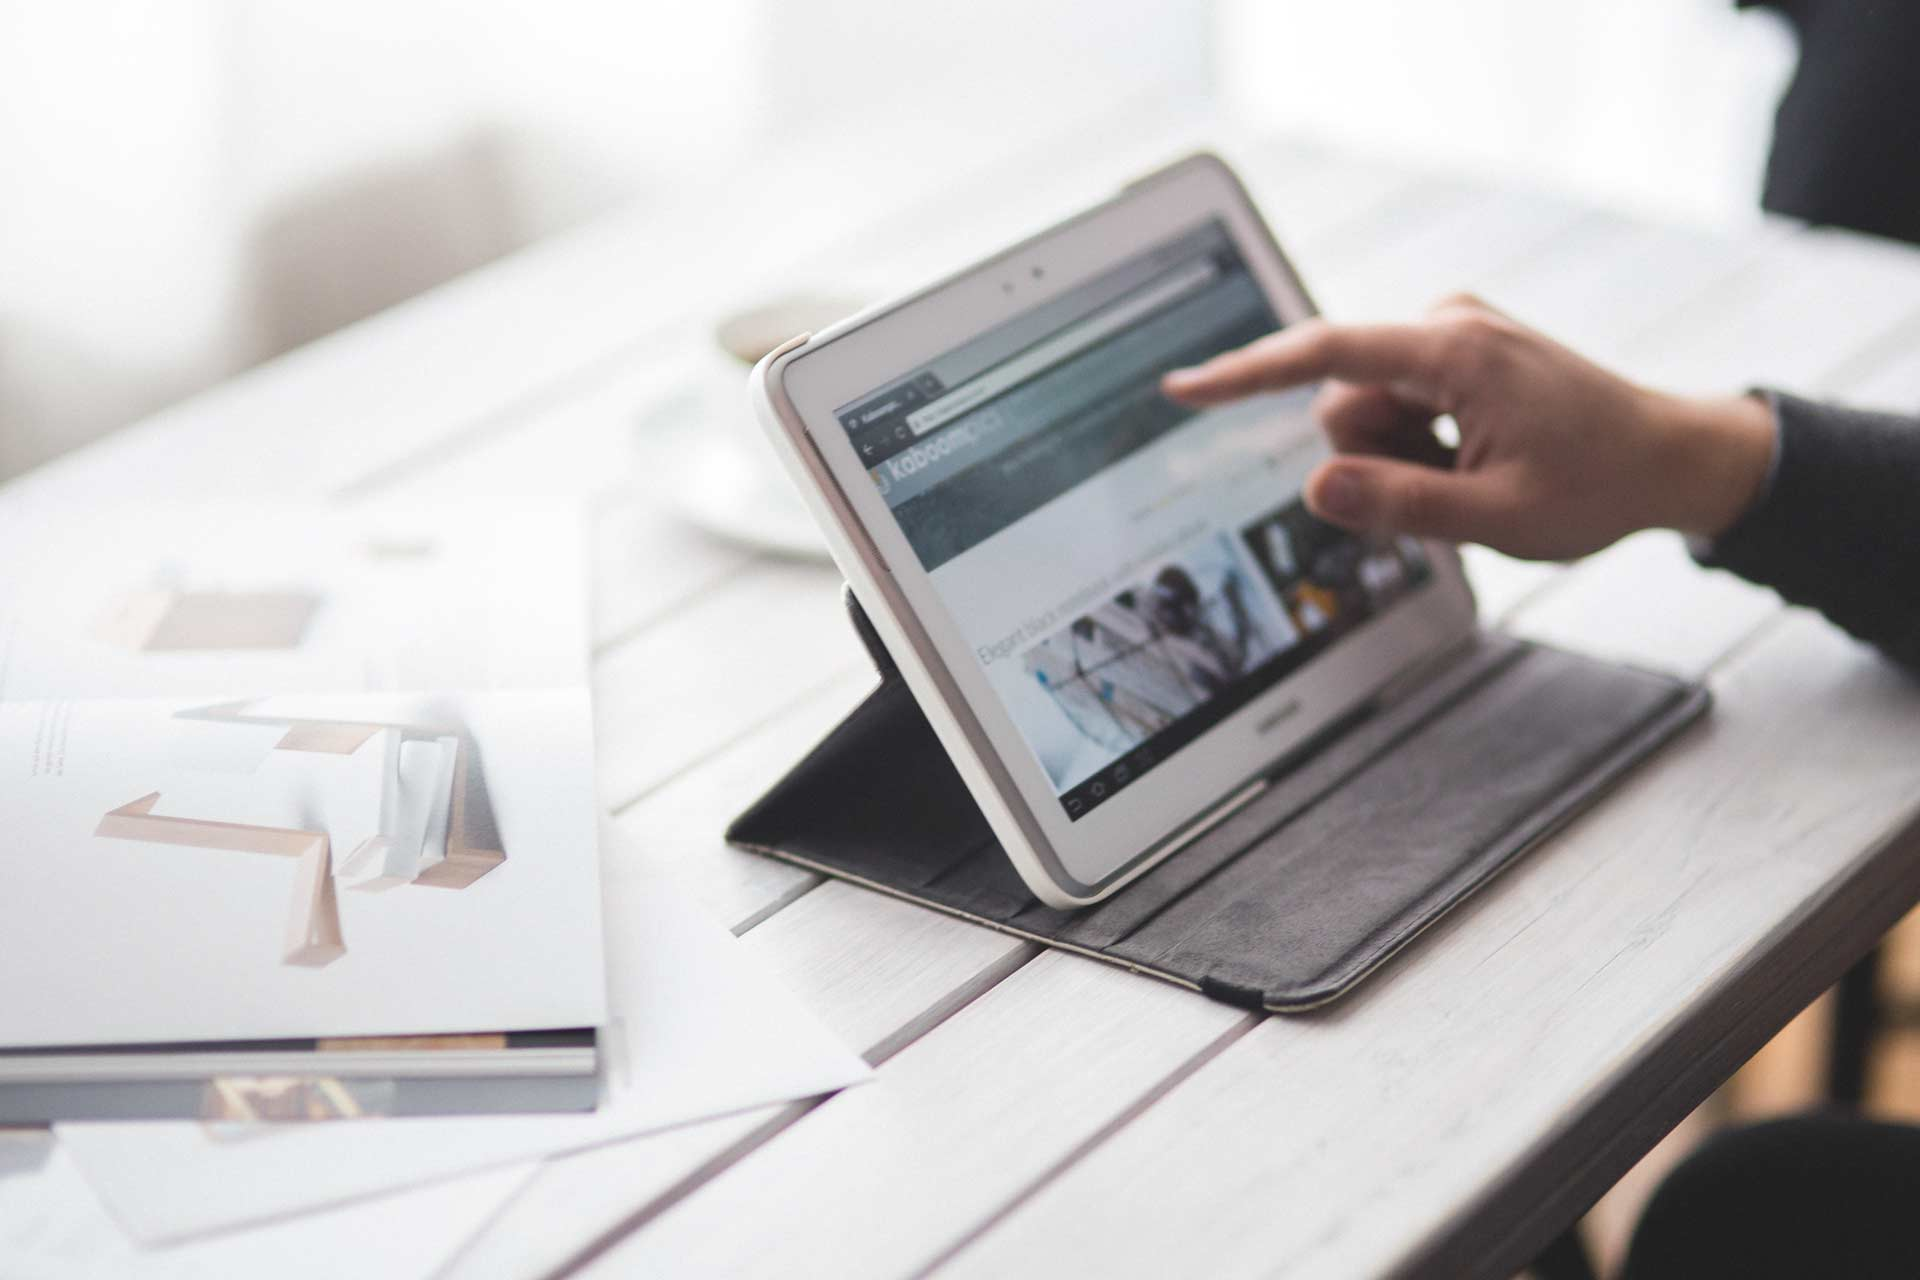 Ochroń swój tablet – wybieramy najlepsze etui do tabletu